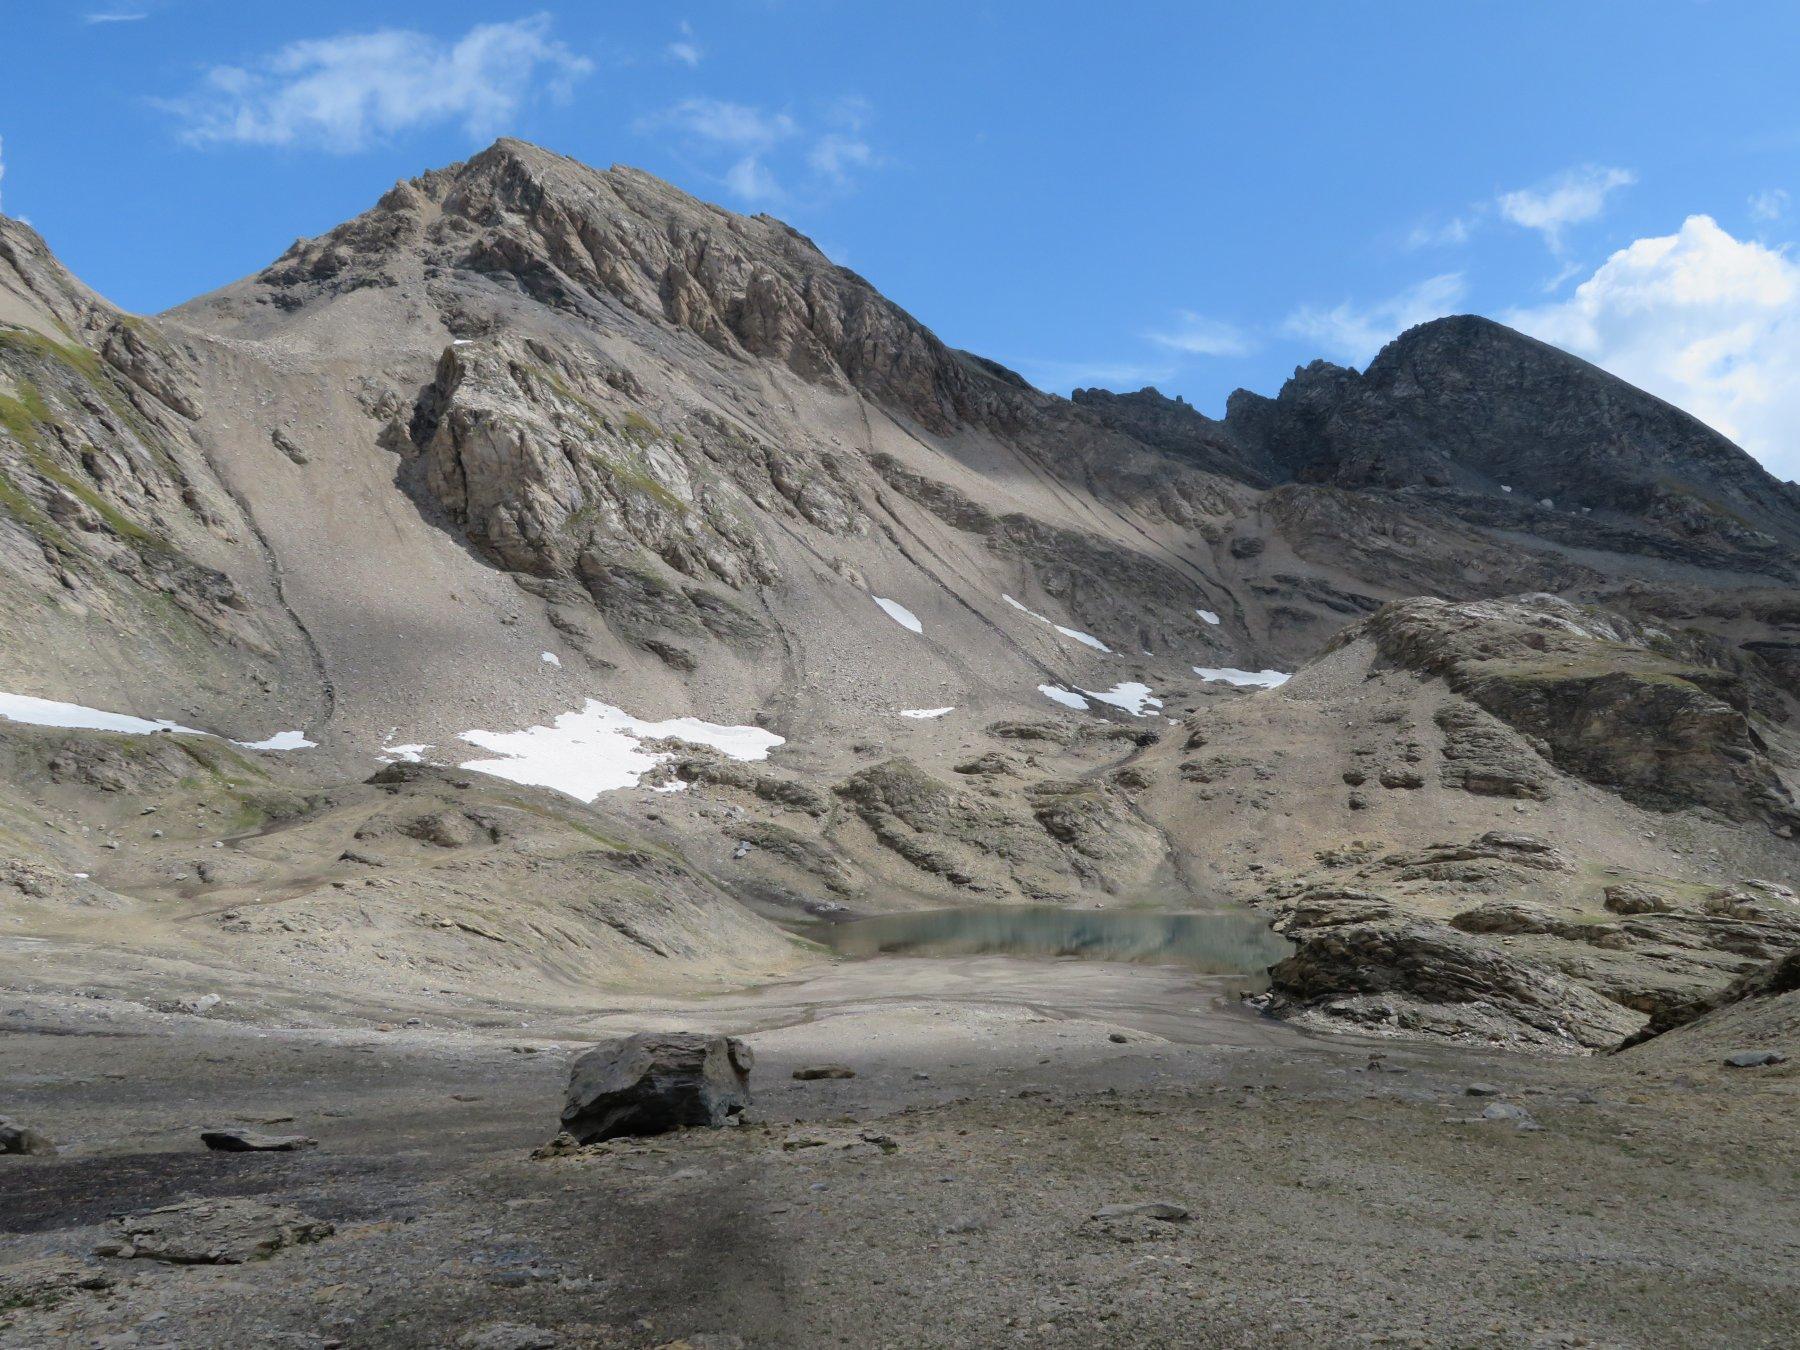 Artanavaz (Aiguille d') da Planaval per l'Alpe Bonalex 2019-08-30